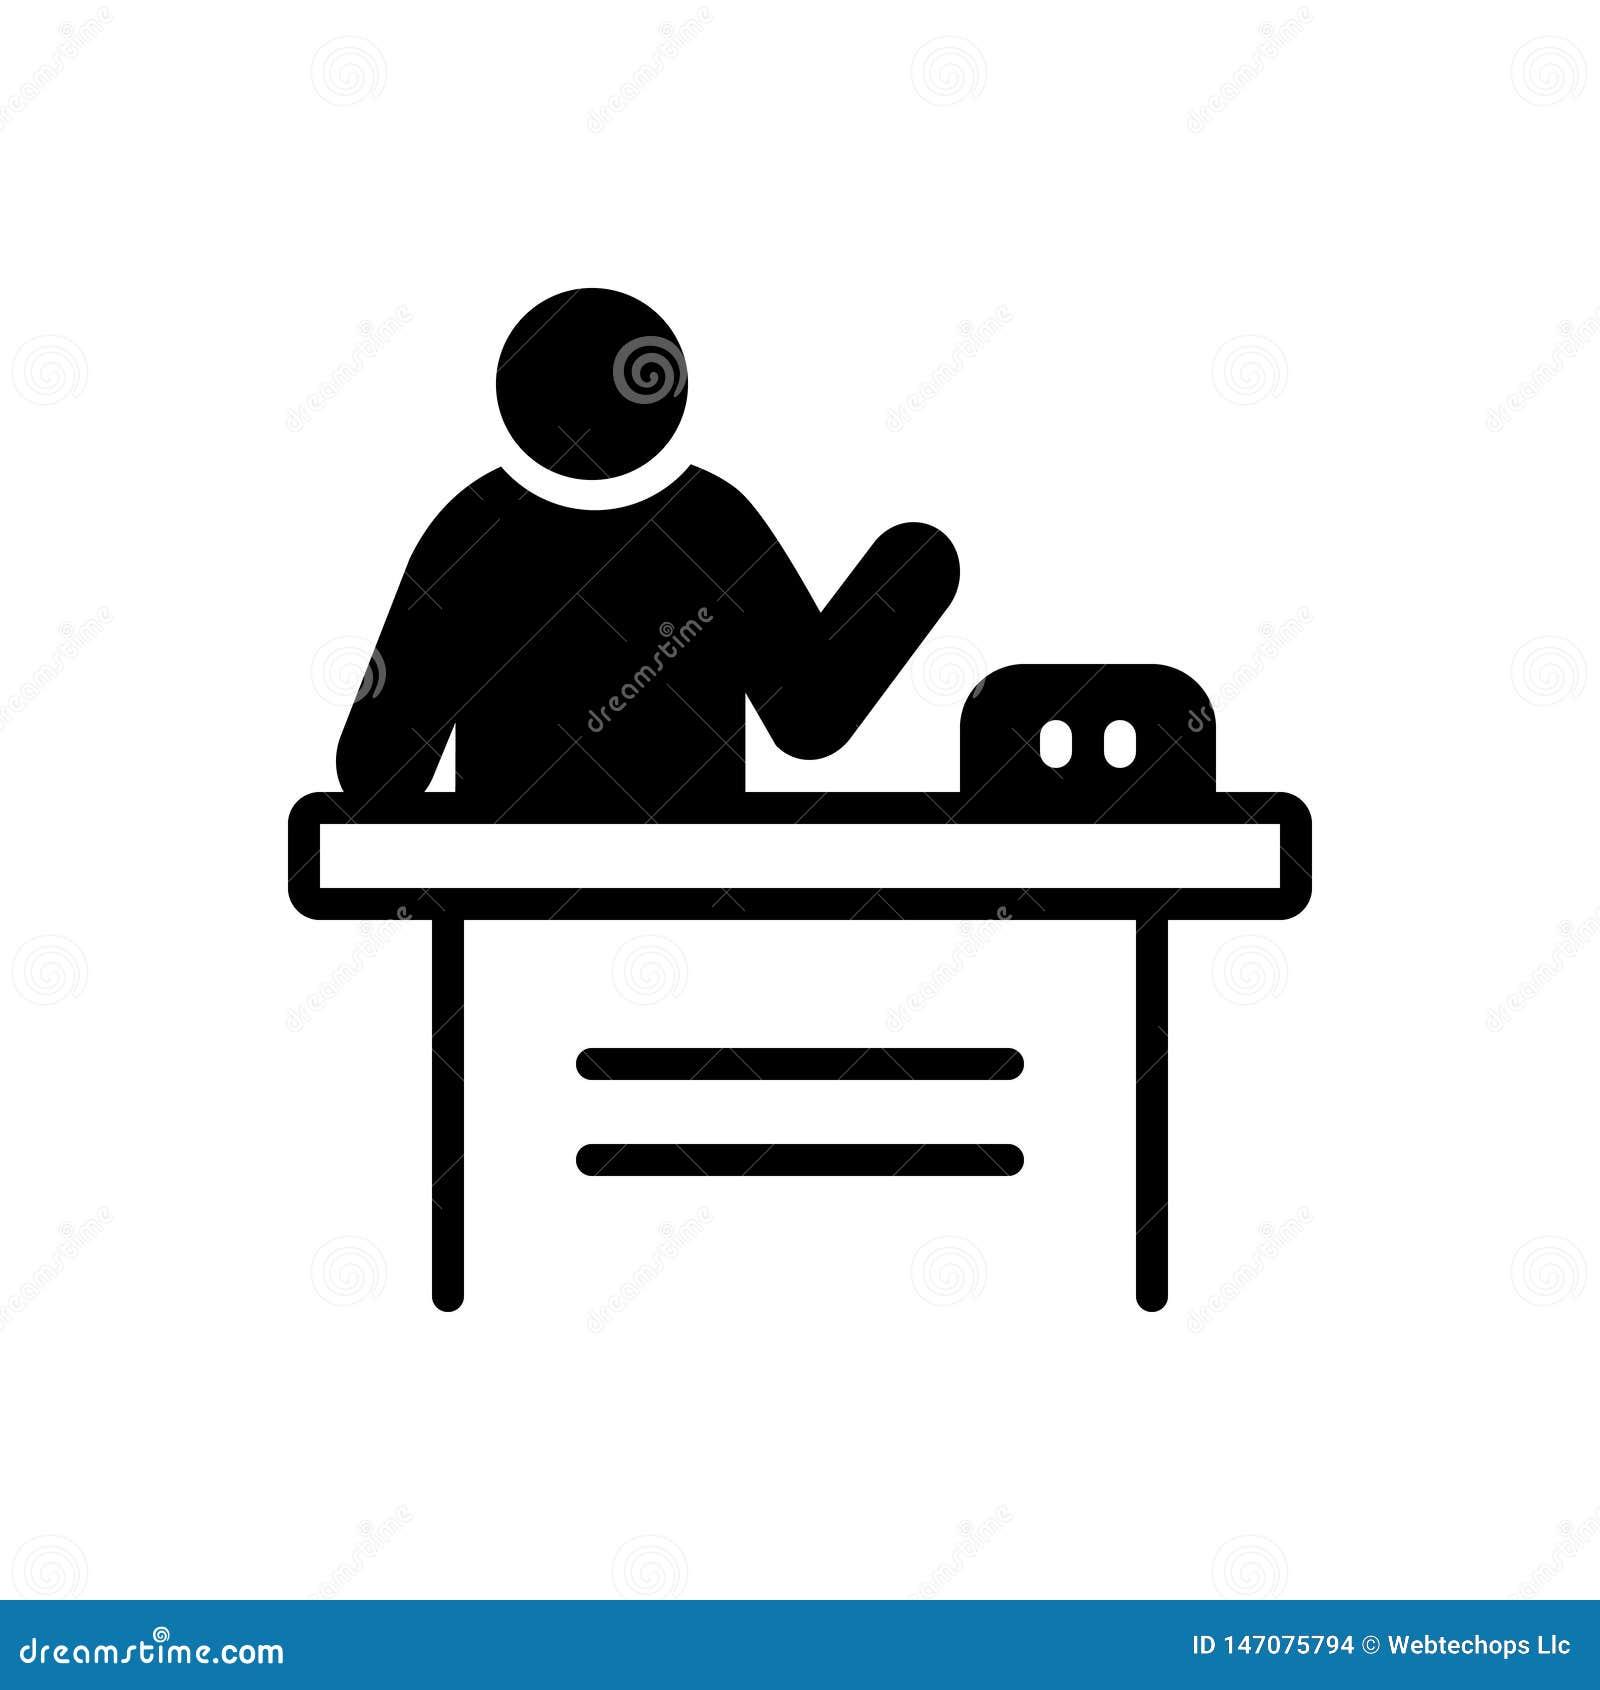 Svart fast symbol för presentation, demonstration och produkt